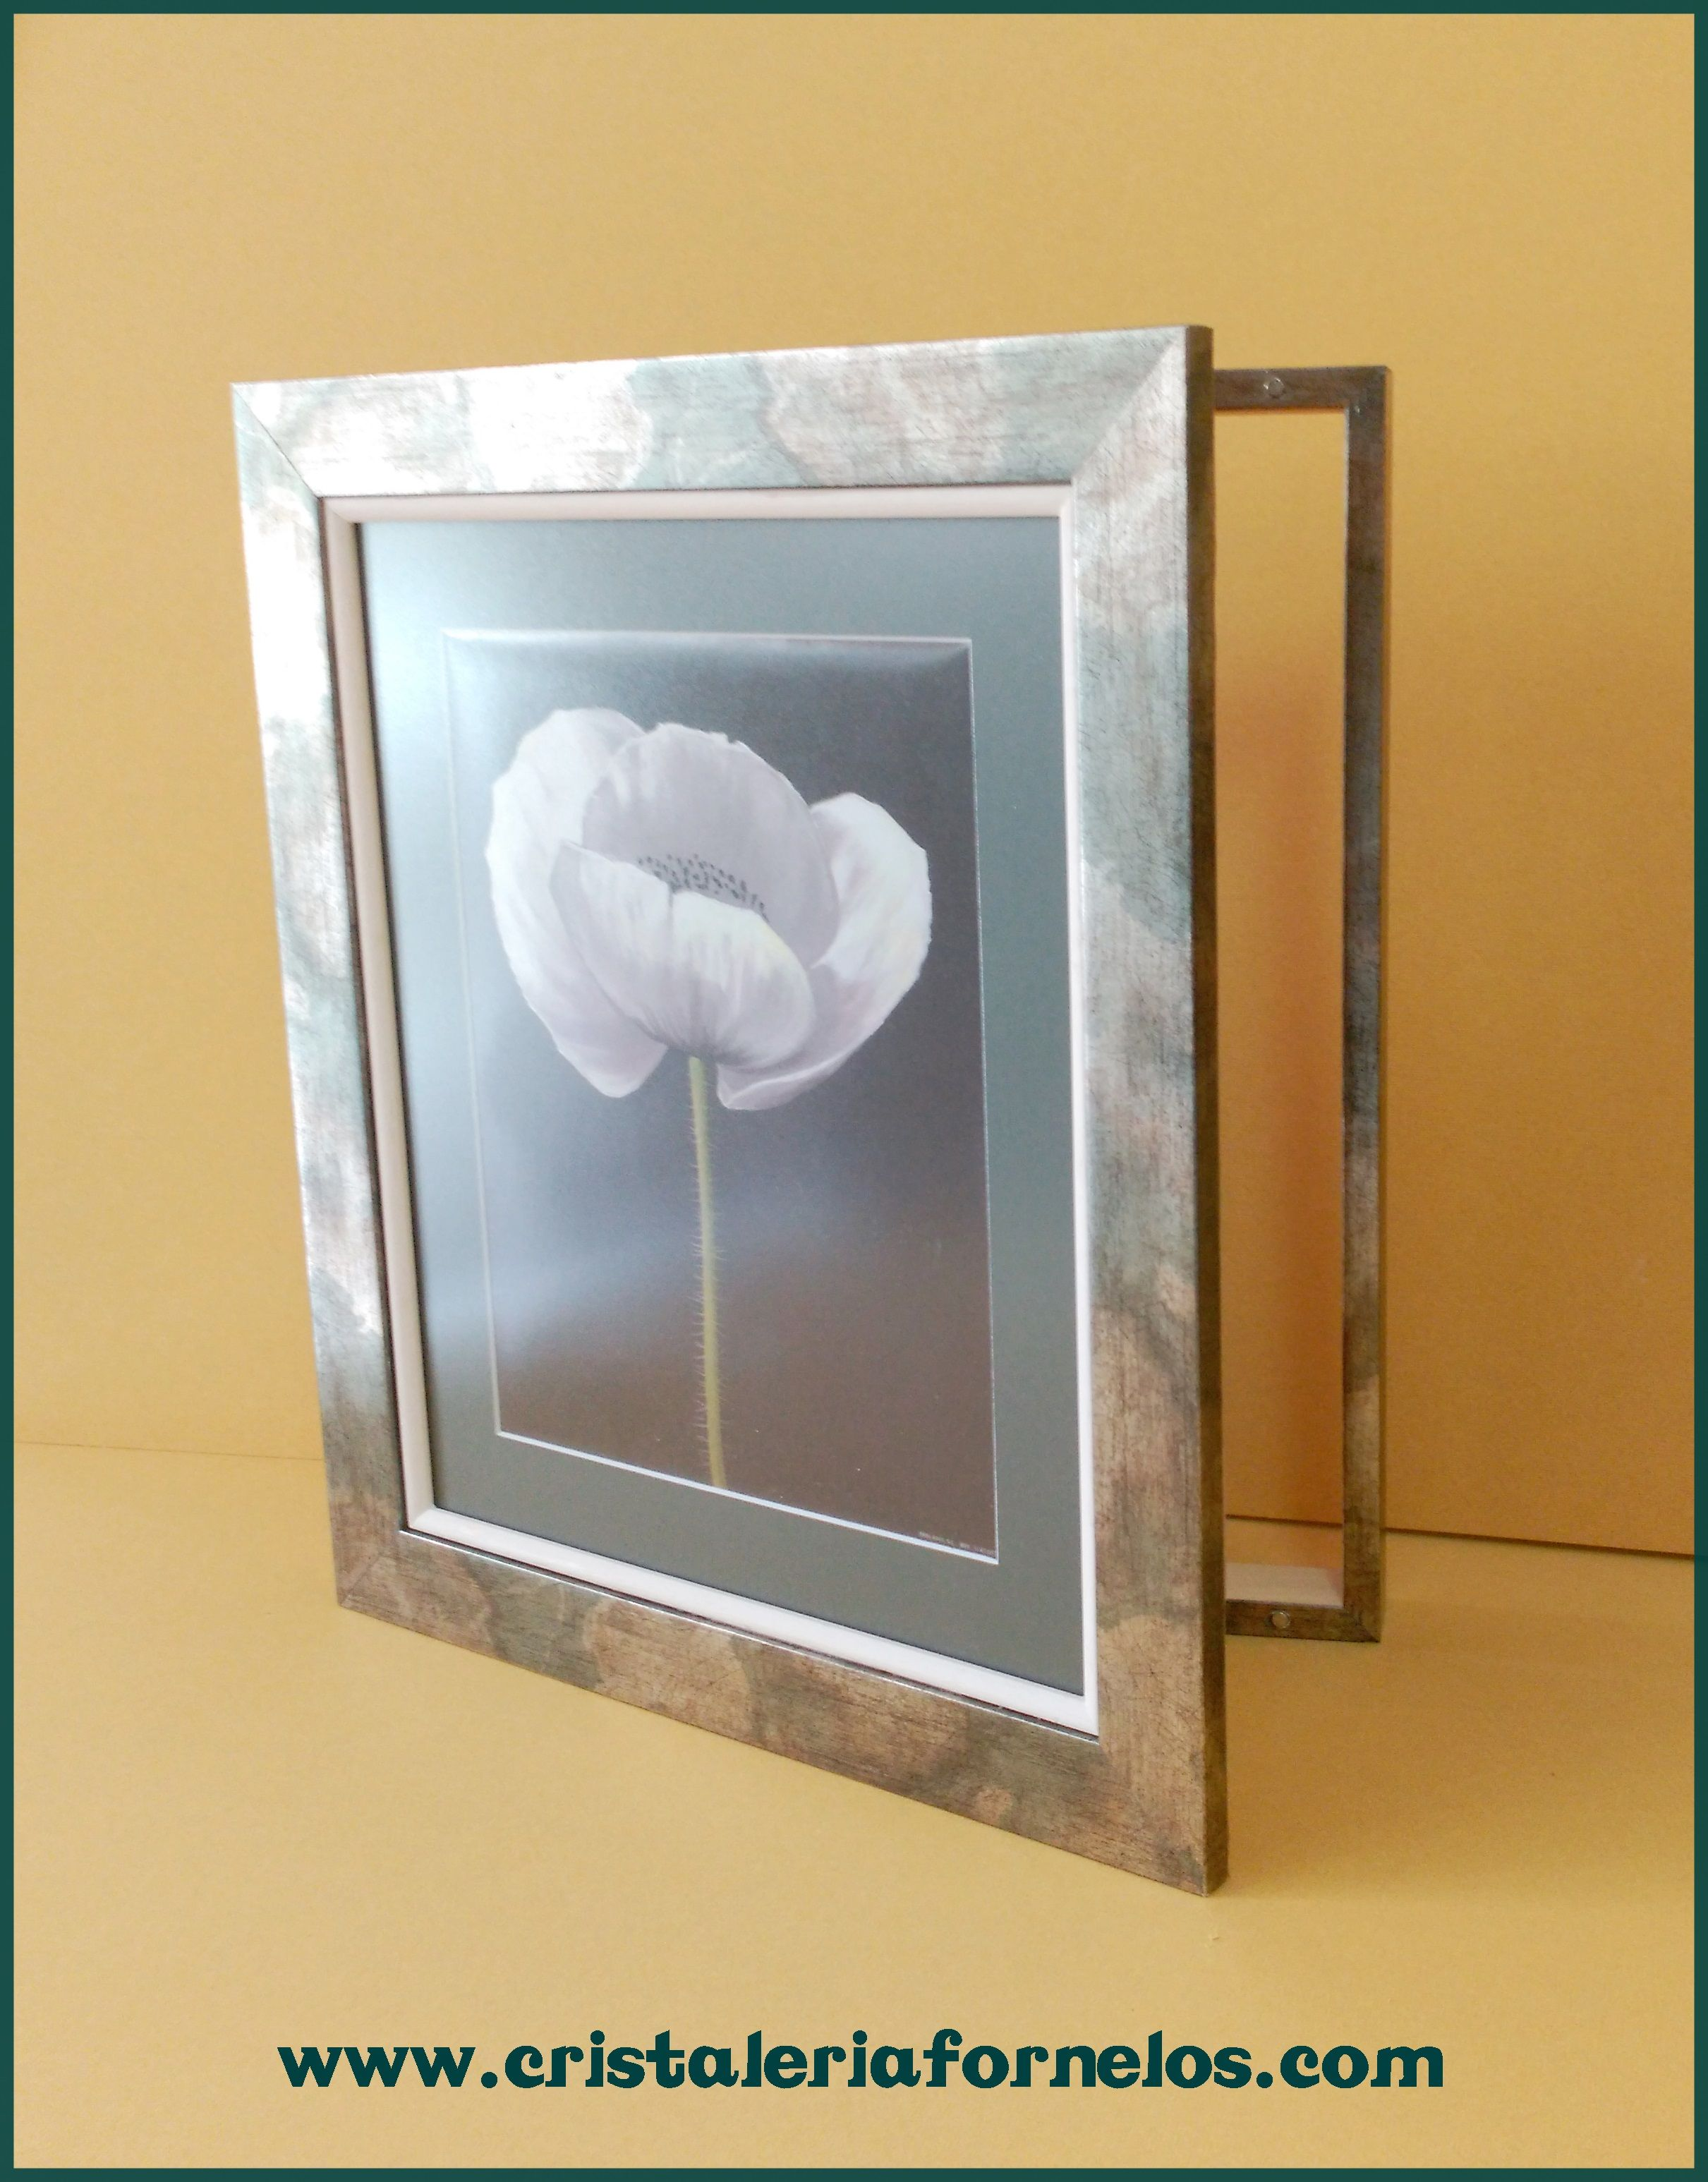 Tapa el cuadro de luces de tu casa con un bonito dise o - Tapa cuadro electrico ikea ...